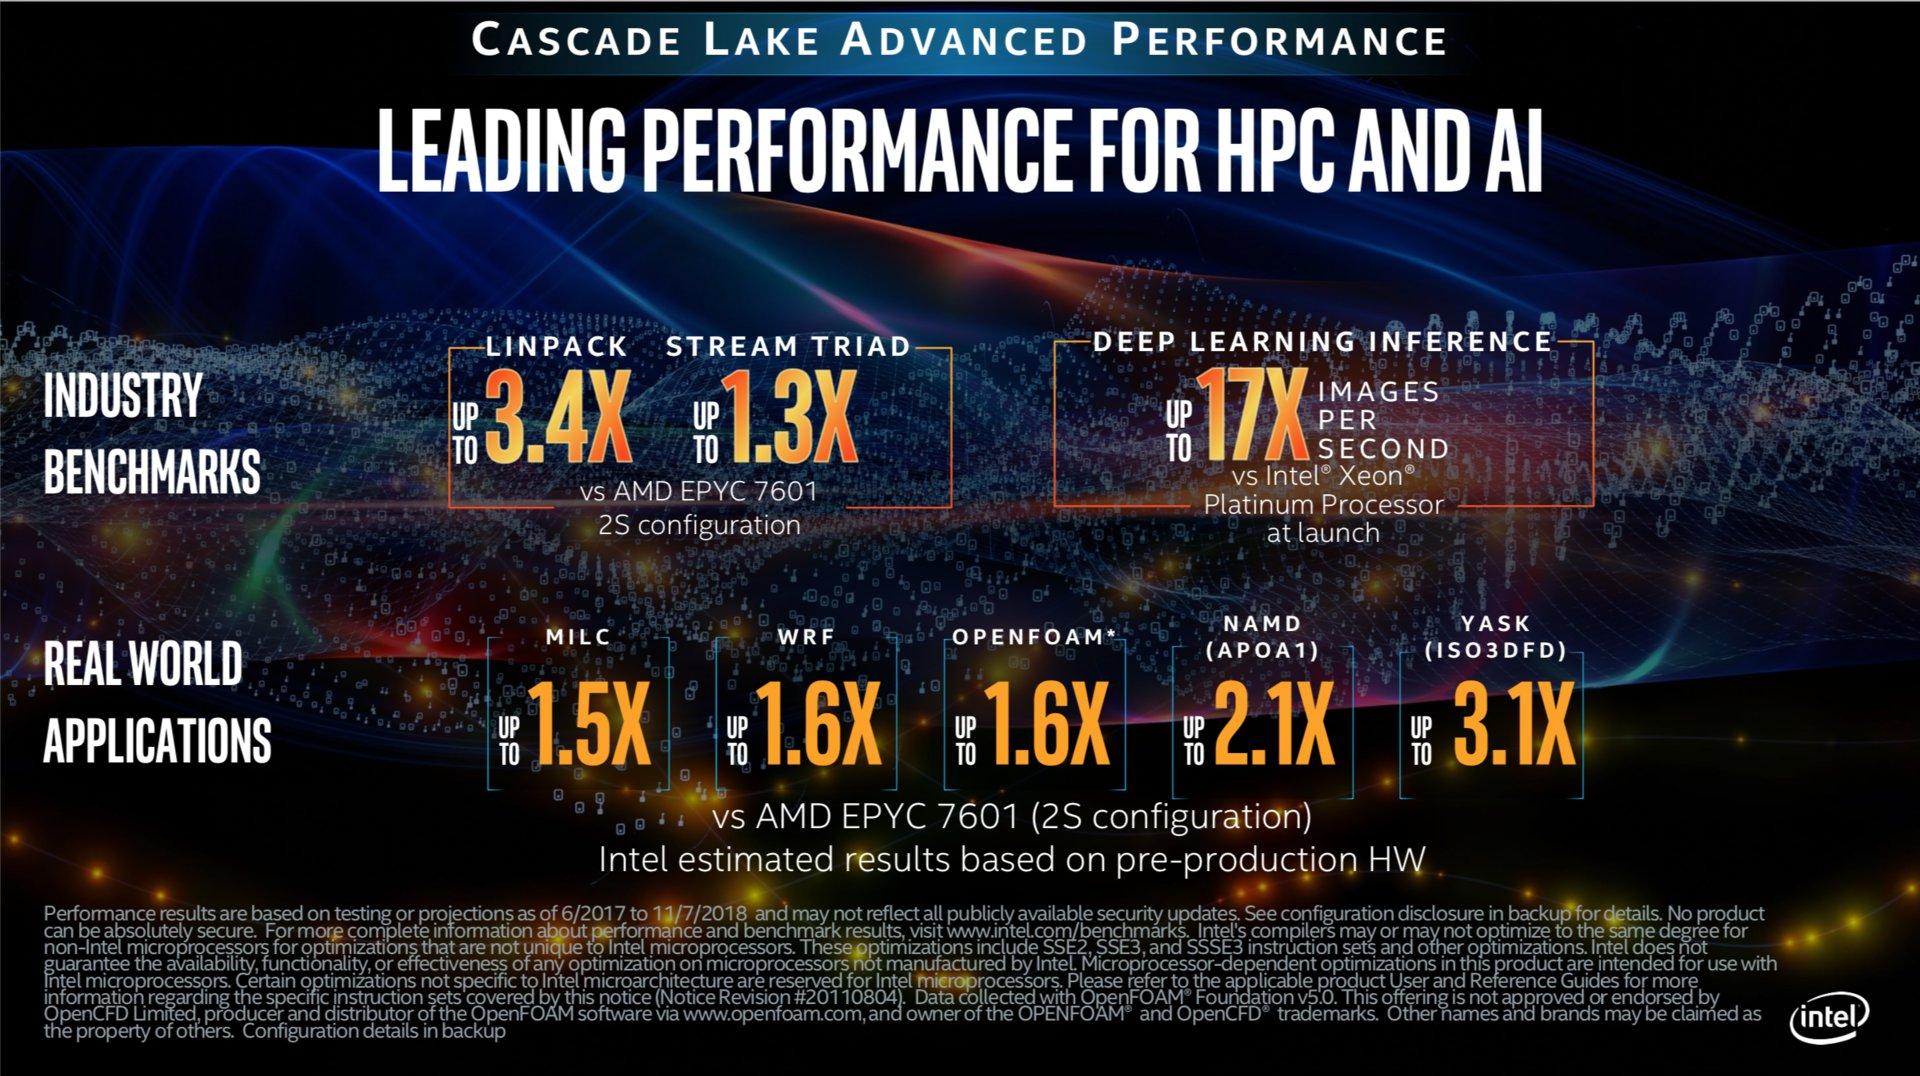 Erweiterte Performanceeinschätzungen